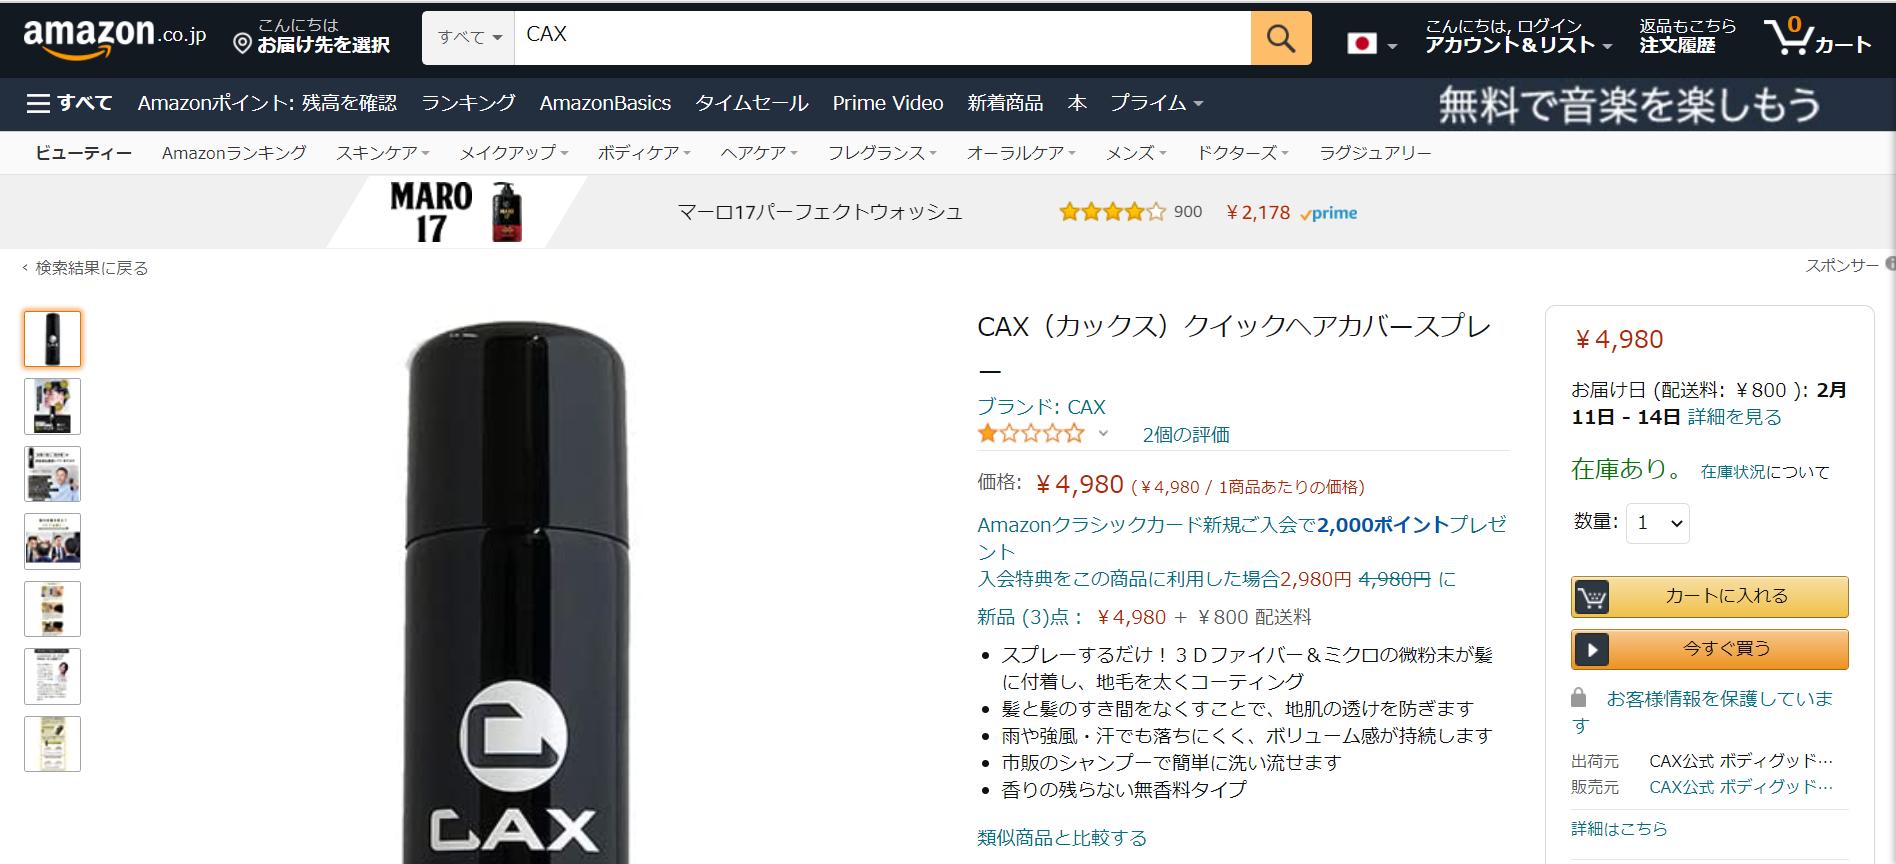 CAX 販売店